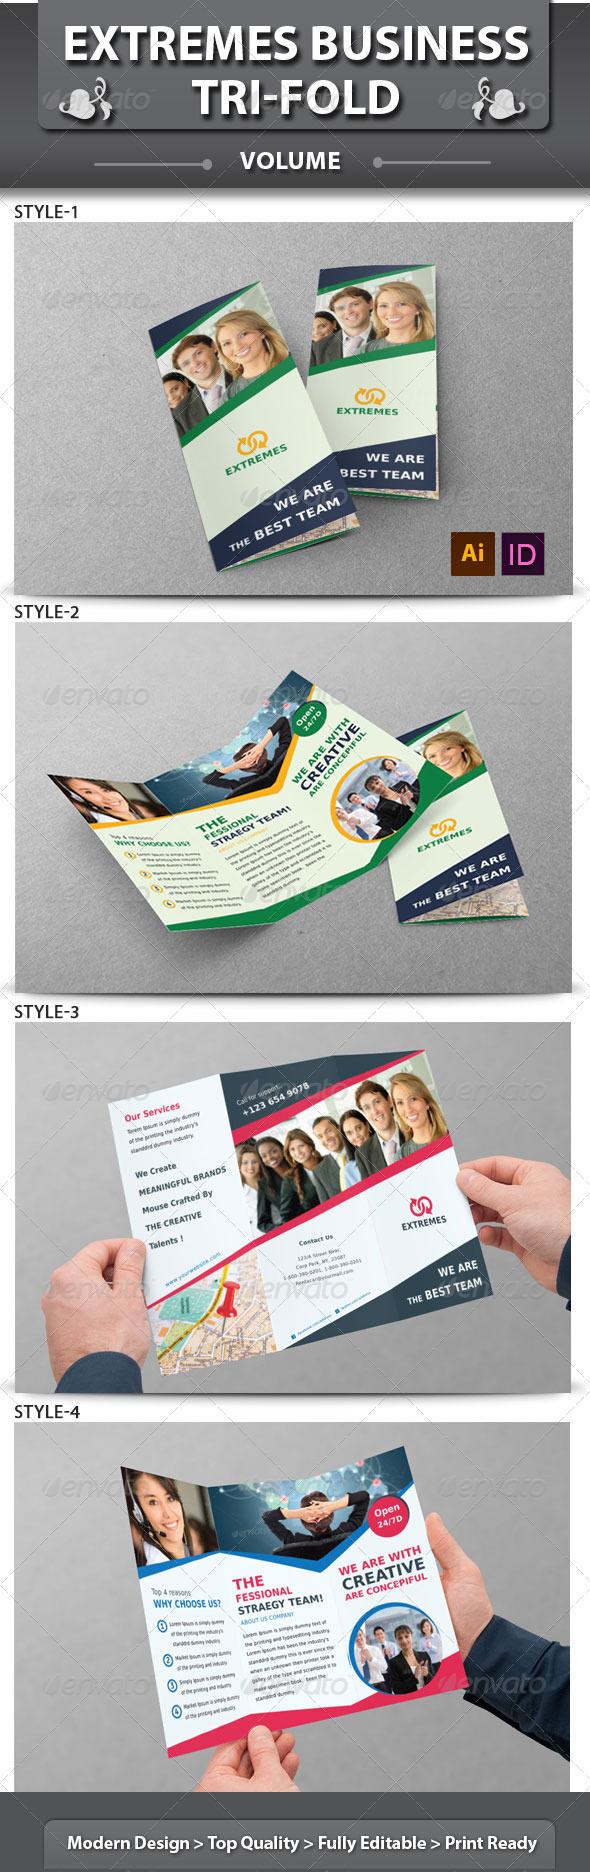 Corporate Business Tri-fold Brochure | Volume 3 - Corporate Brochures